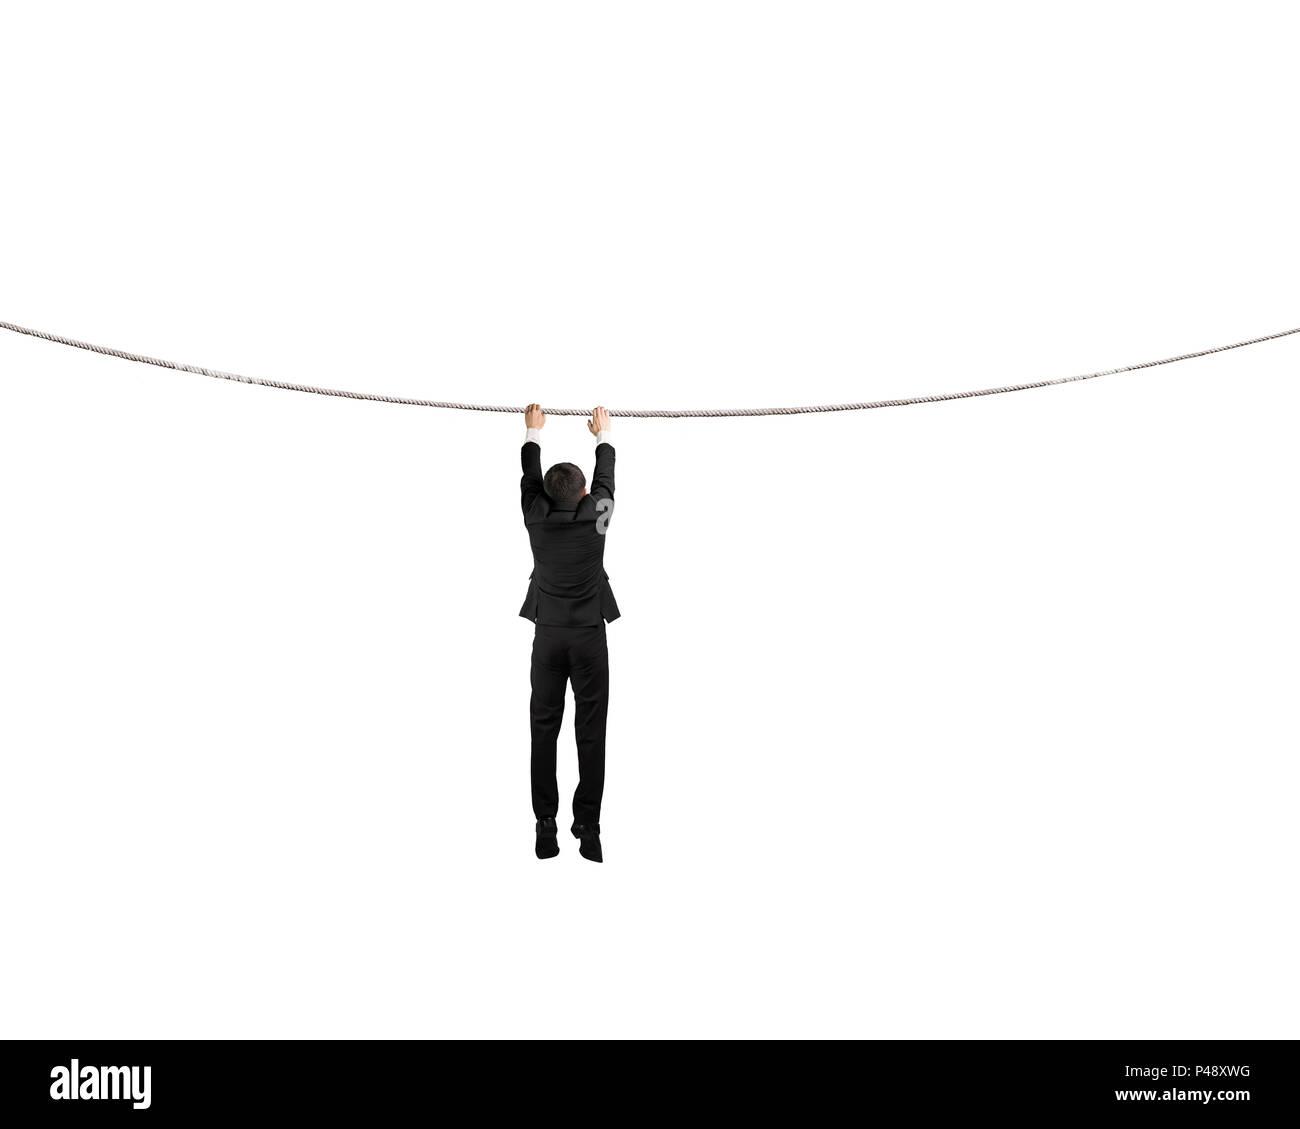 La tenue de la corde et la pendaison en blanc isolé Photo Stock